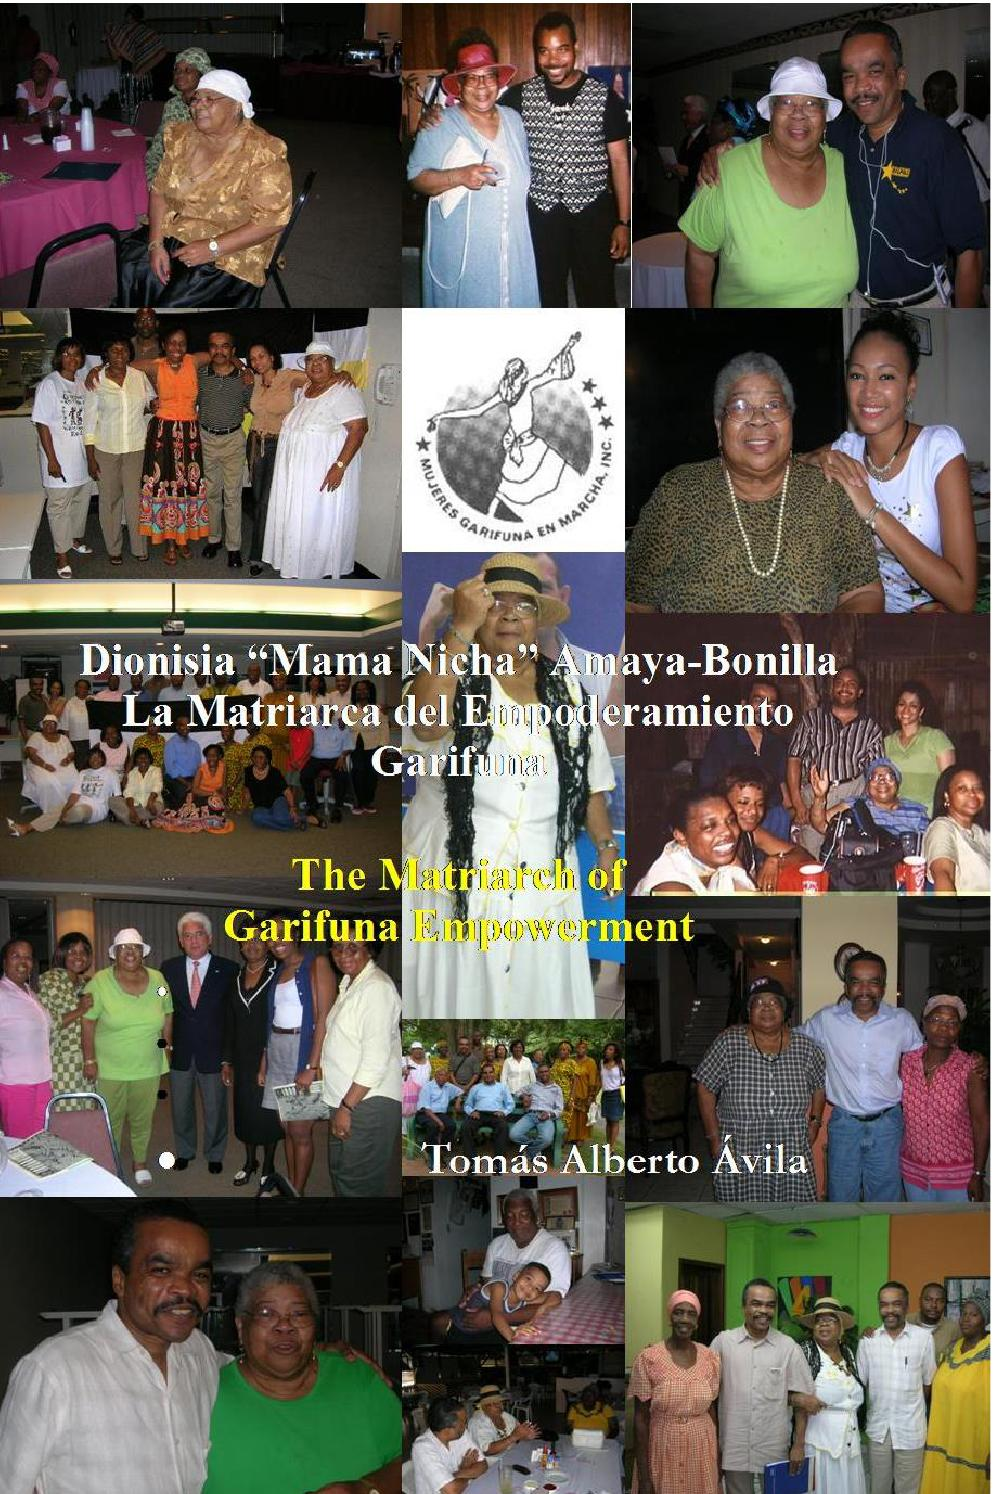 Buscar Mujeres Solteras 528097